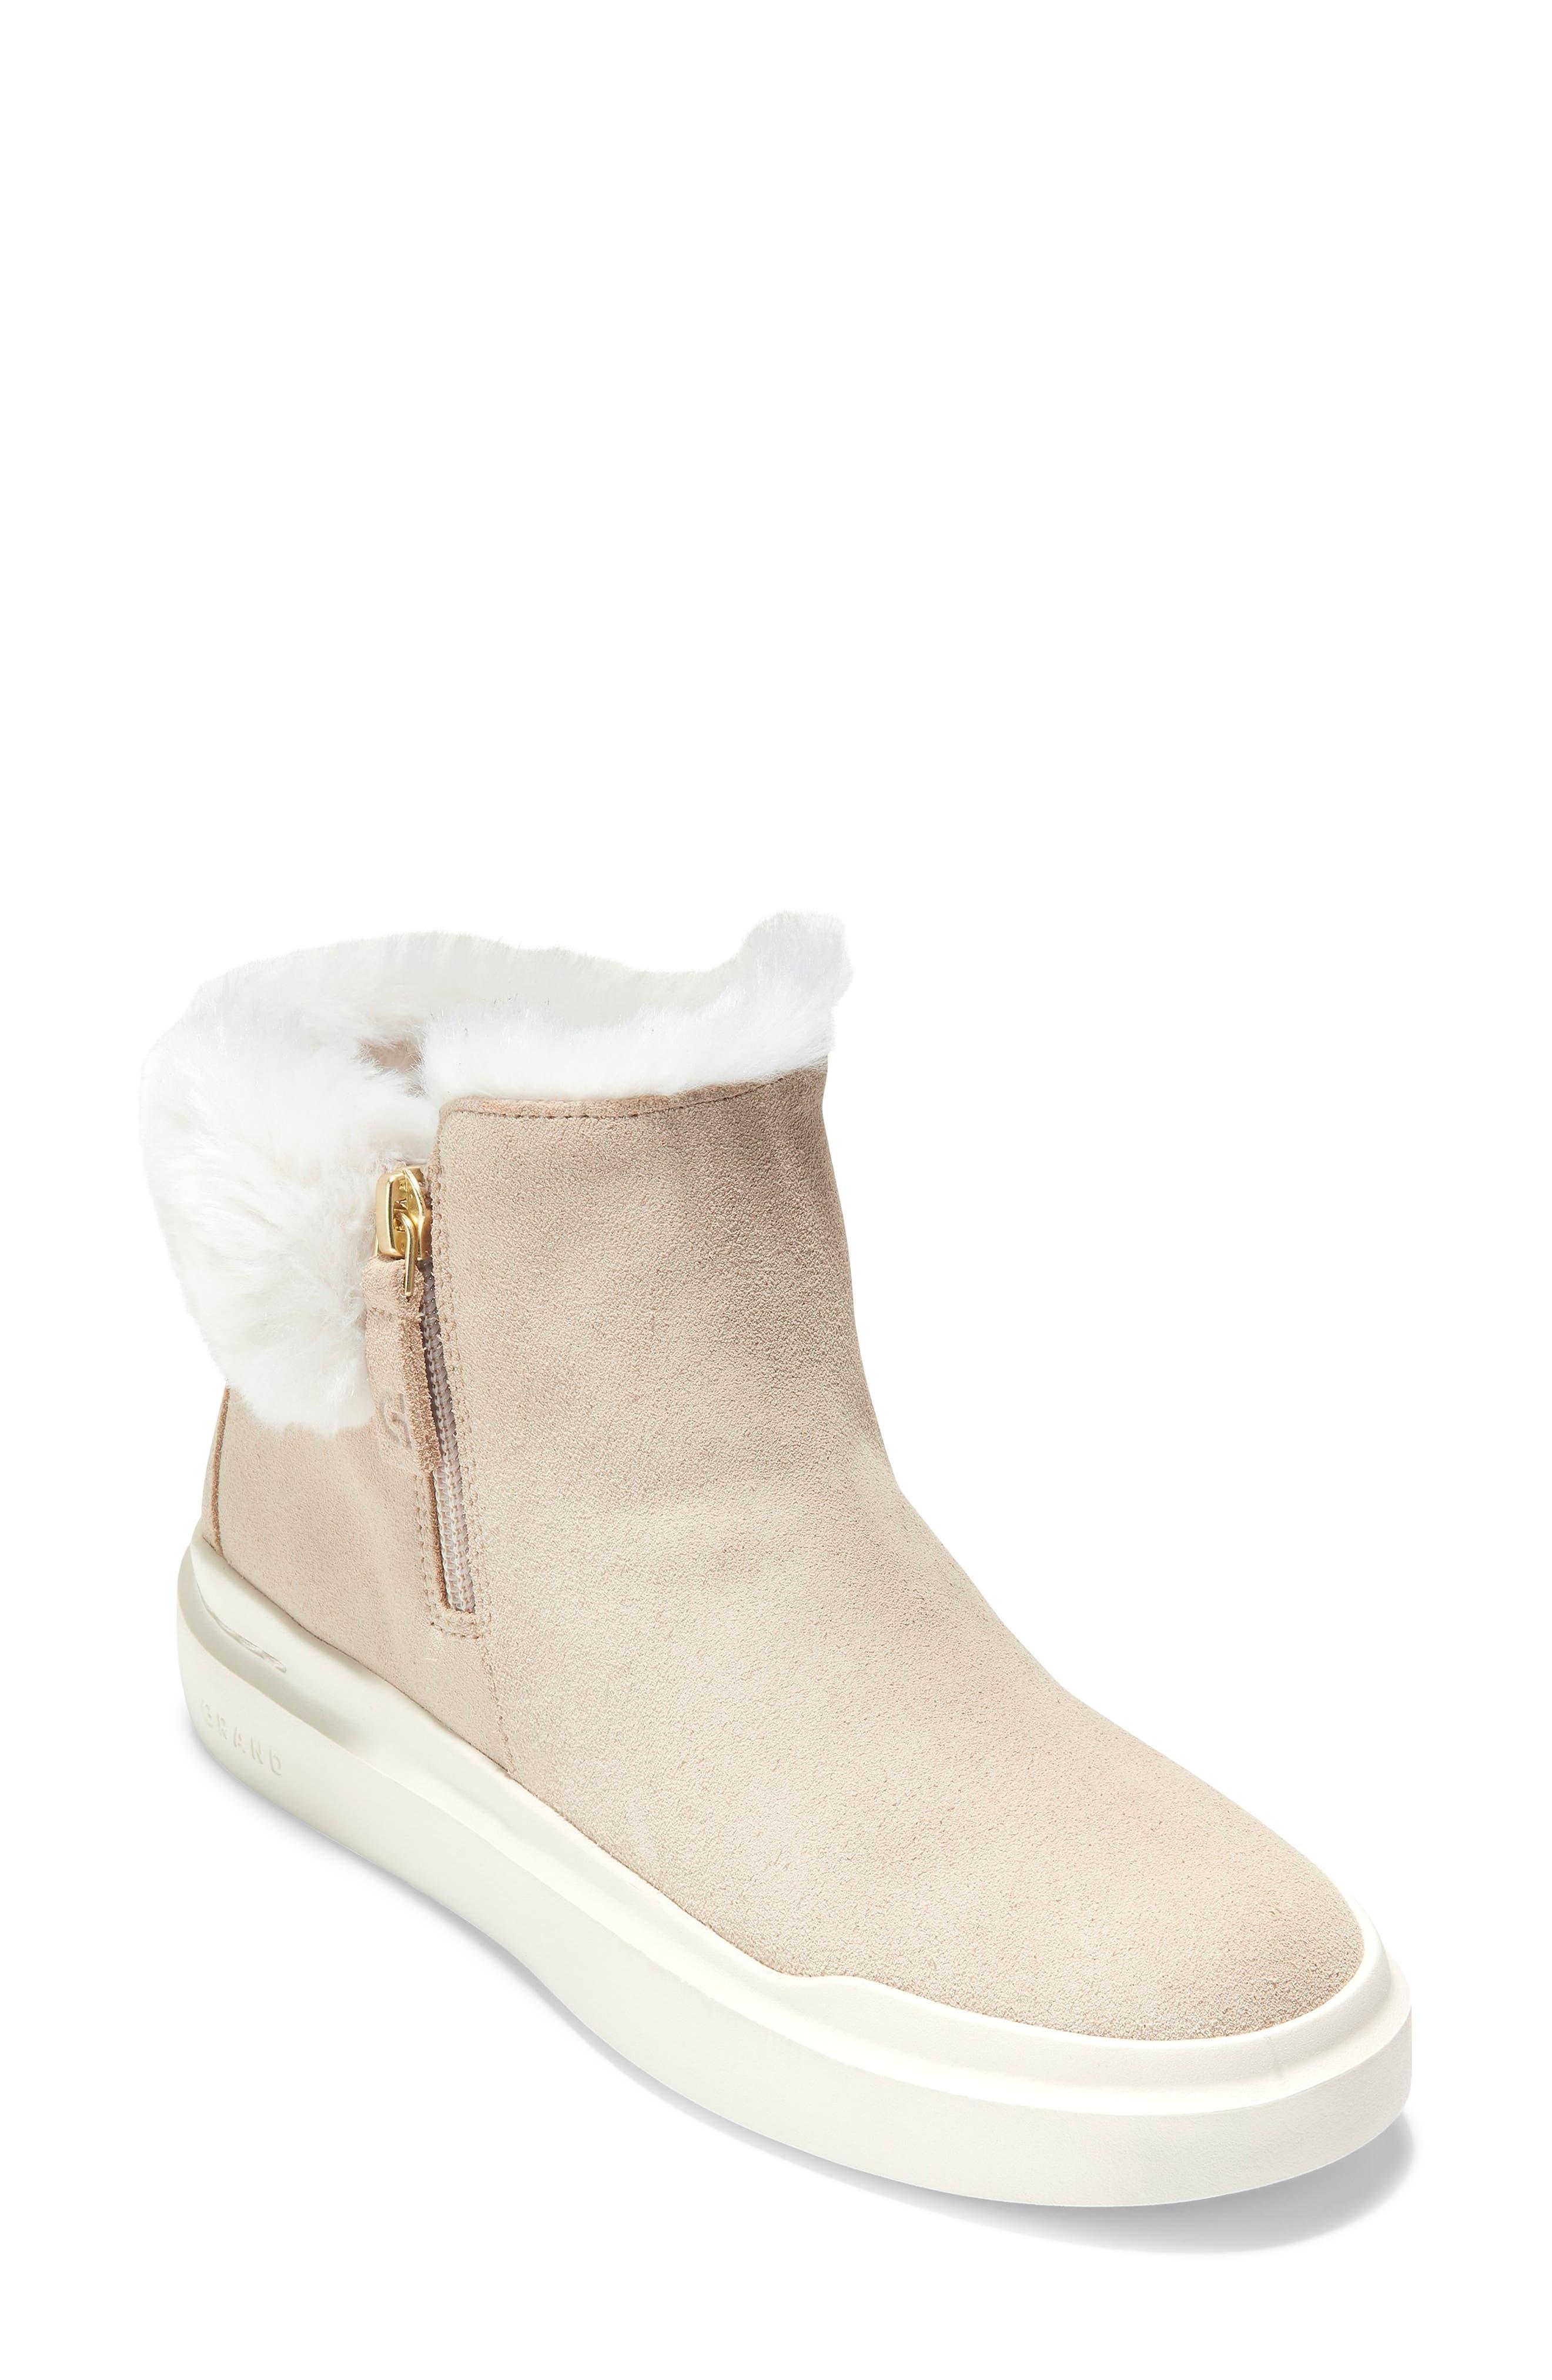 Women's Cole Haan Boots | Nordstrom